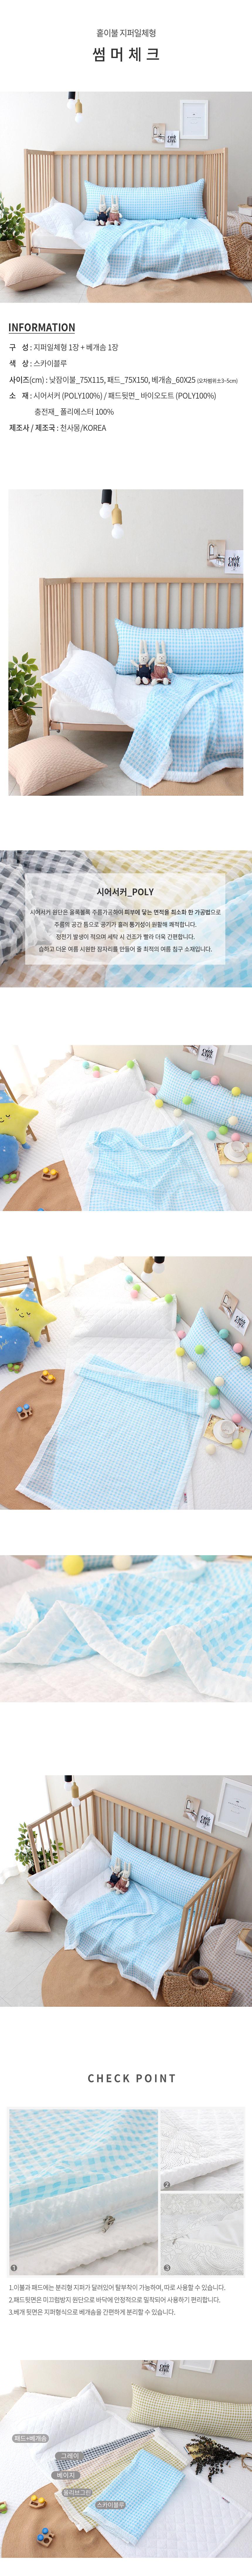 baby_zipper_shaka_09_4.jpg